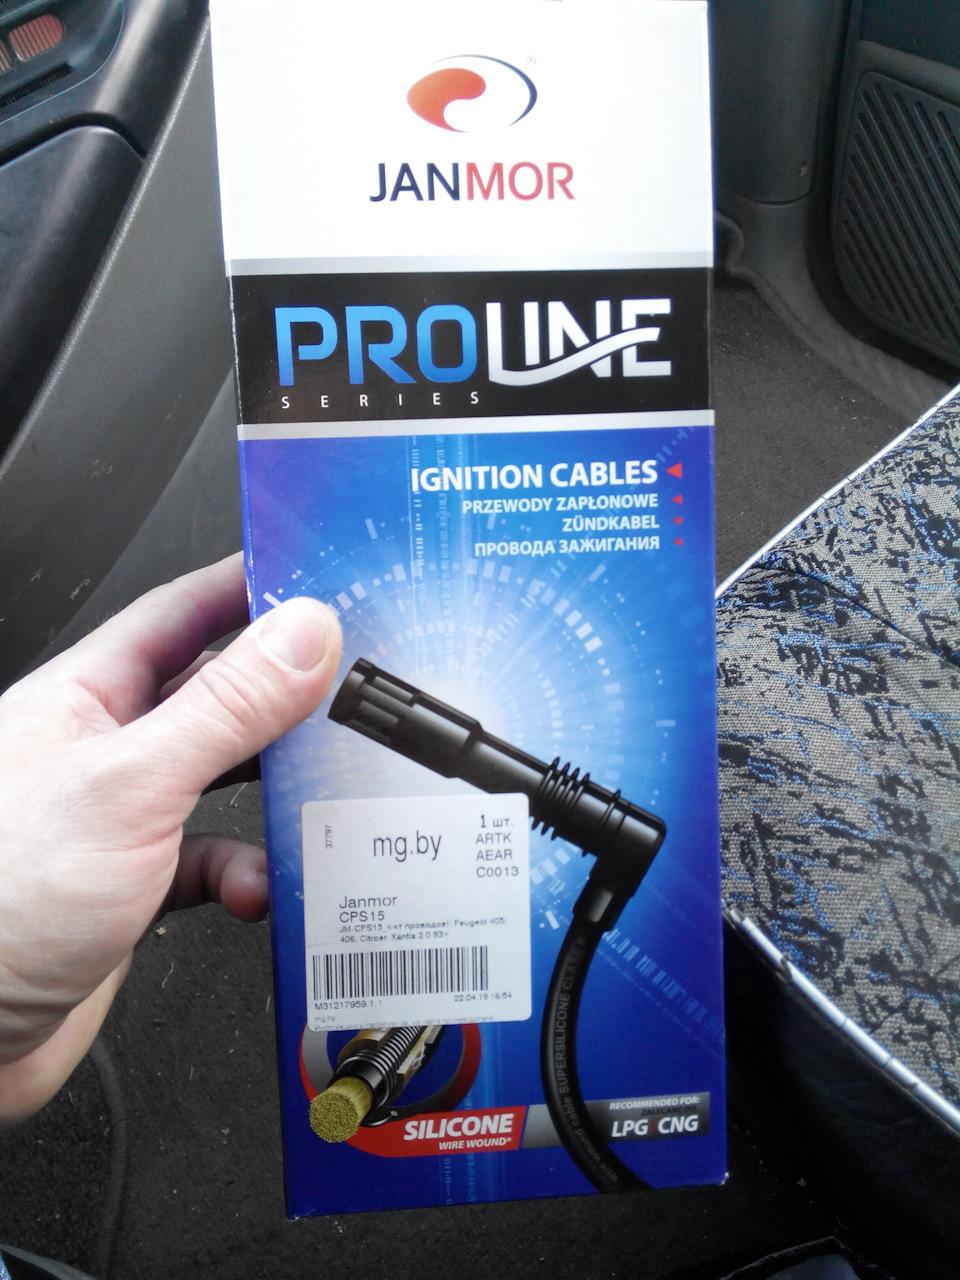 Подготовка к ремонту, покупка запчастей. Свечи провода.